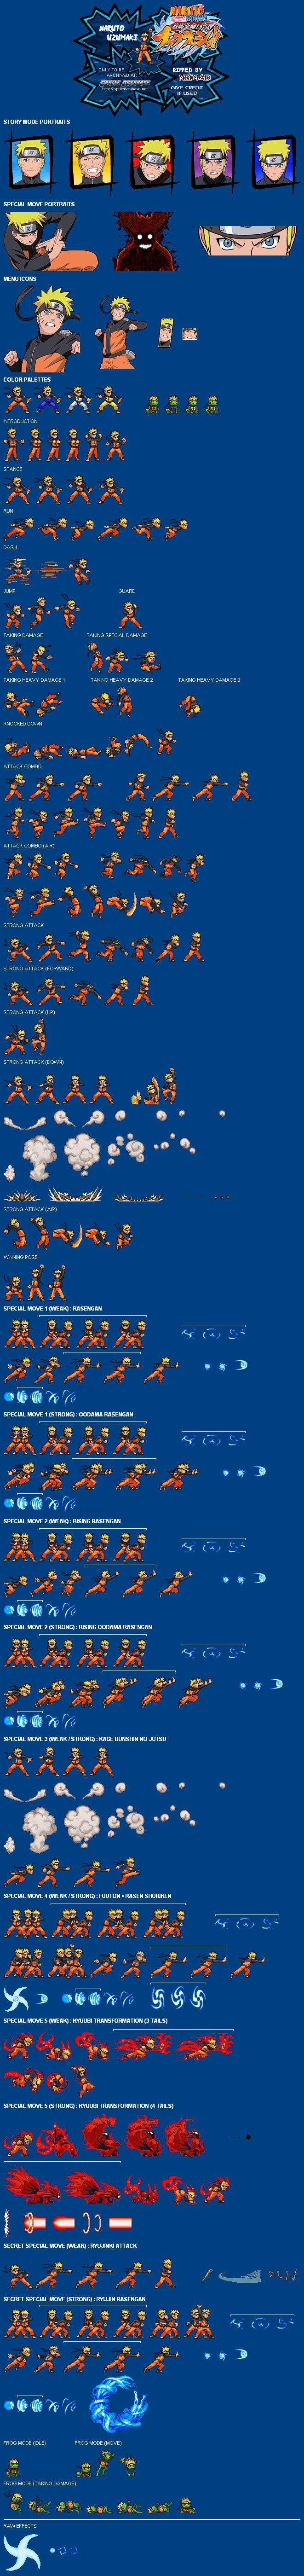 Sprite Database Naruto pixel art sprite sheet